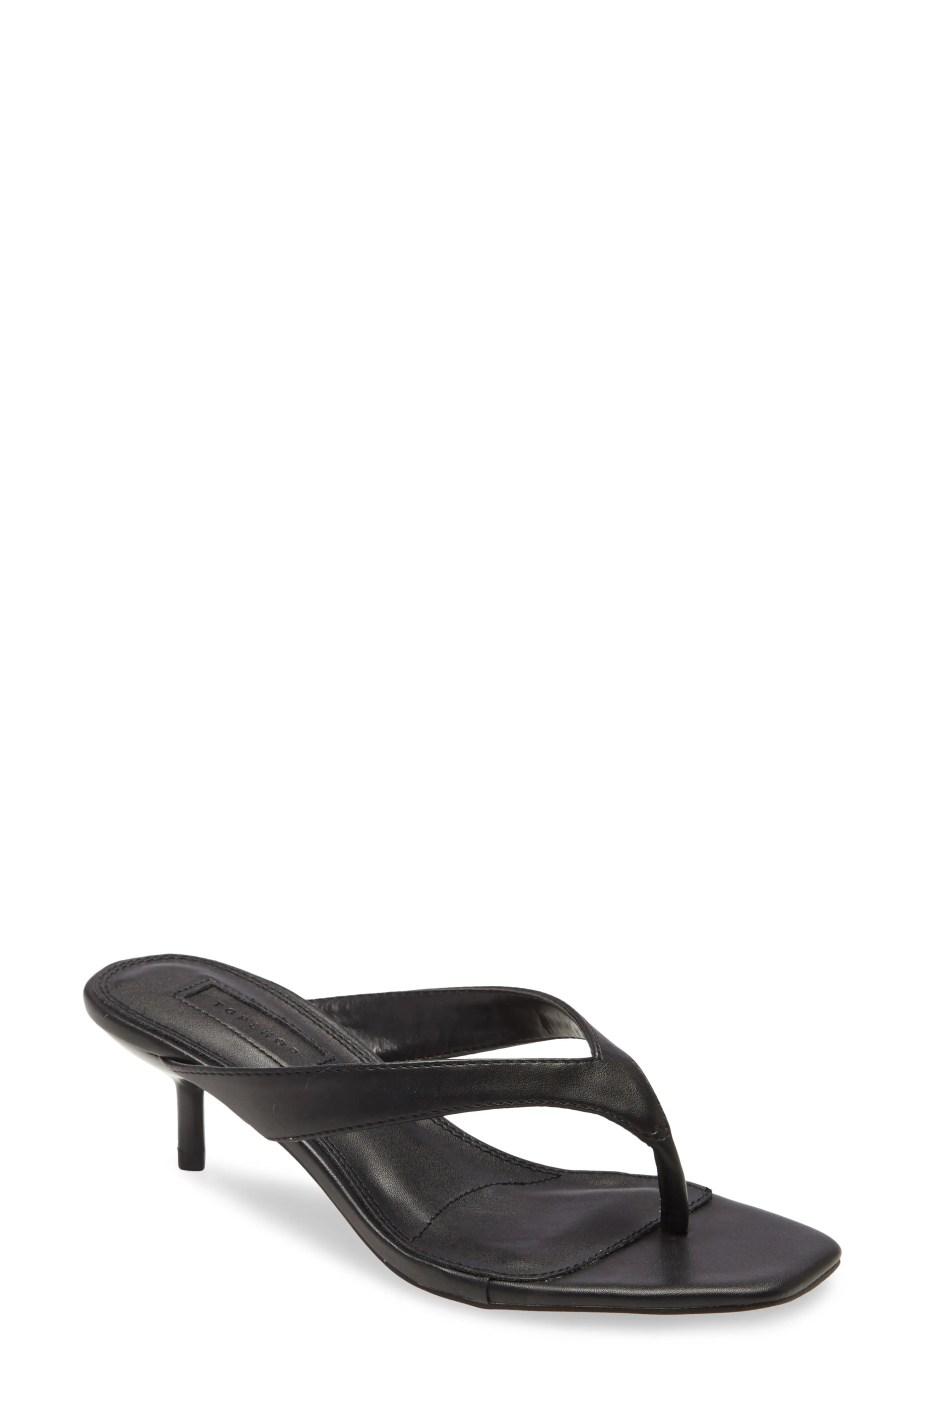 TOPSHOP Nina Mini Heel Mule Sandal, Main, color, BLACK